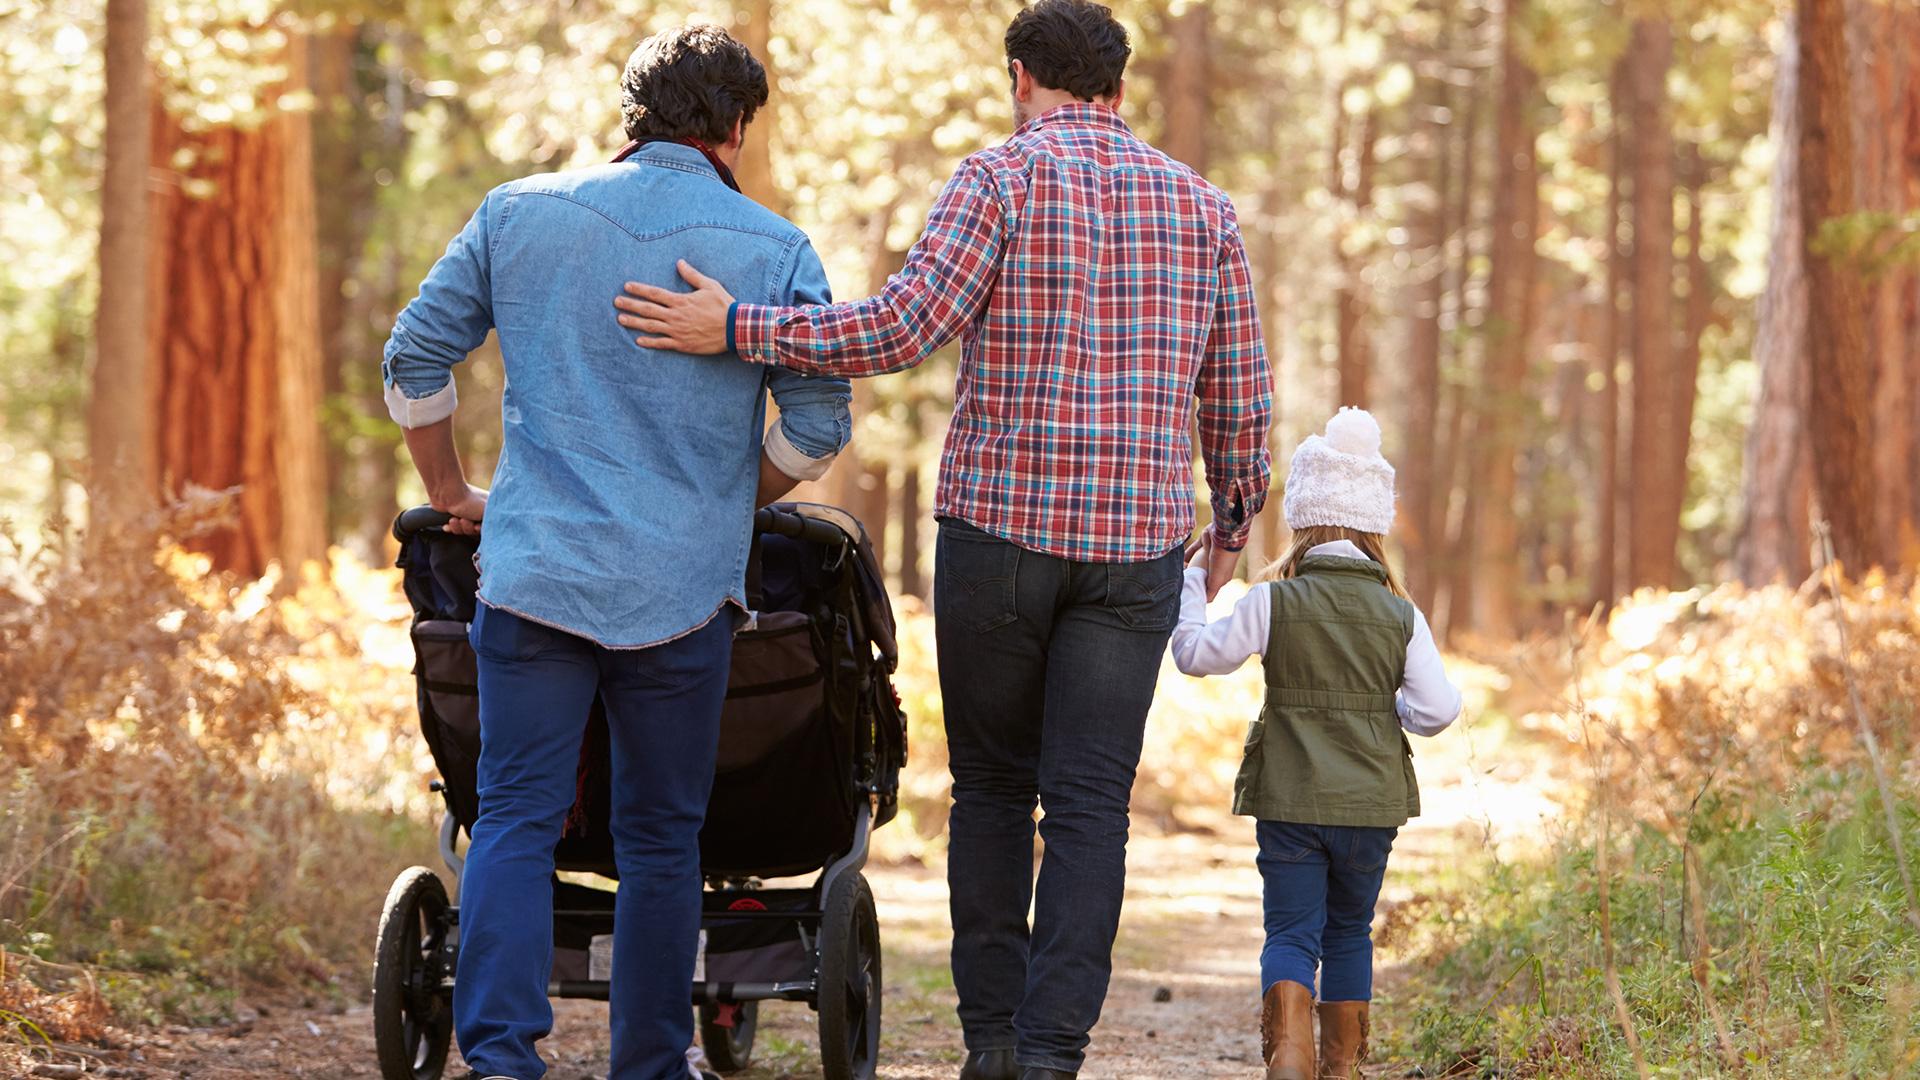 Nein zur Adoption durch gleichgeschlechtliche Paare